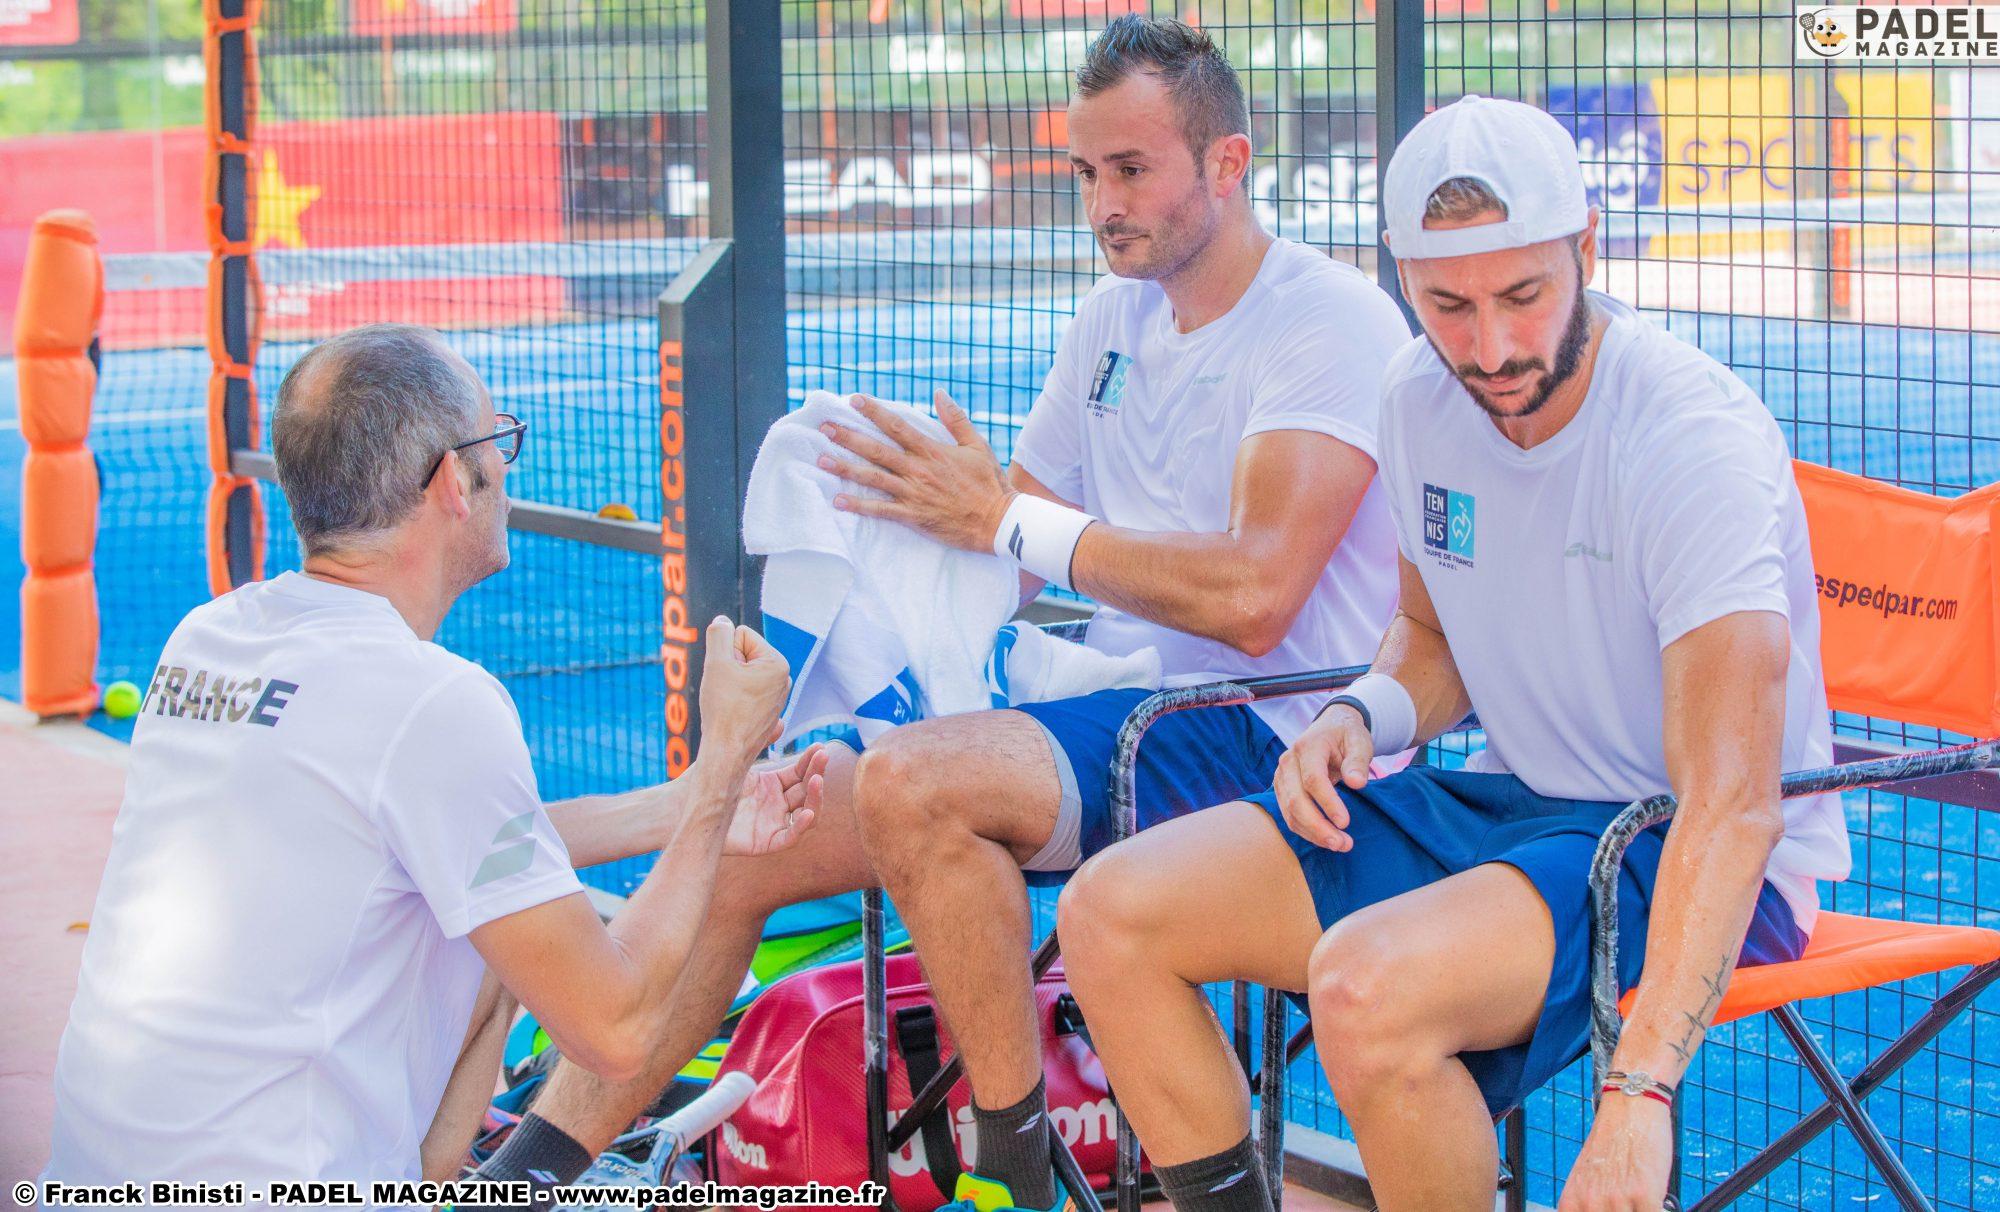 Oöverträffad kvalificering av det franska laget av Padel